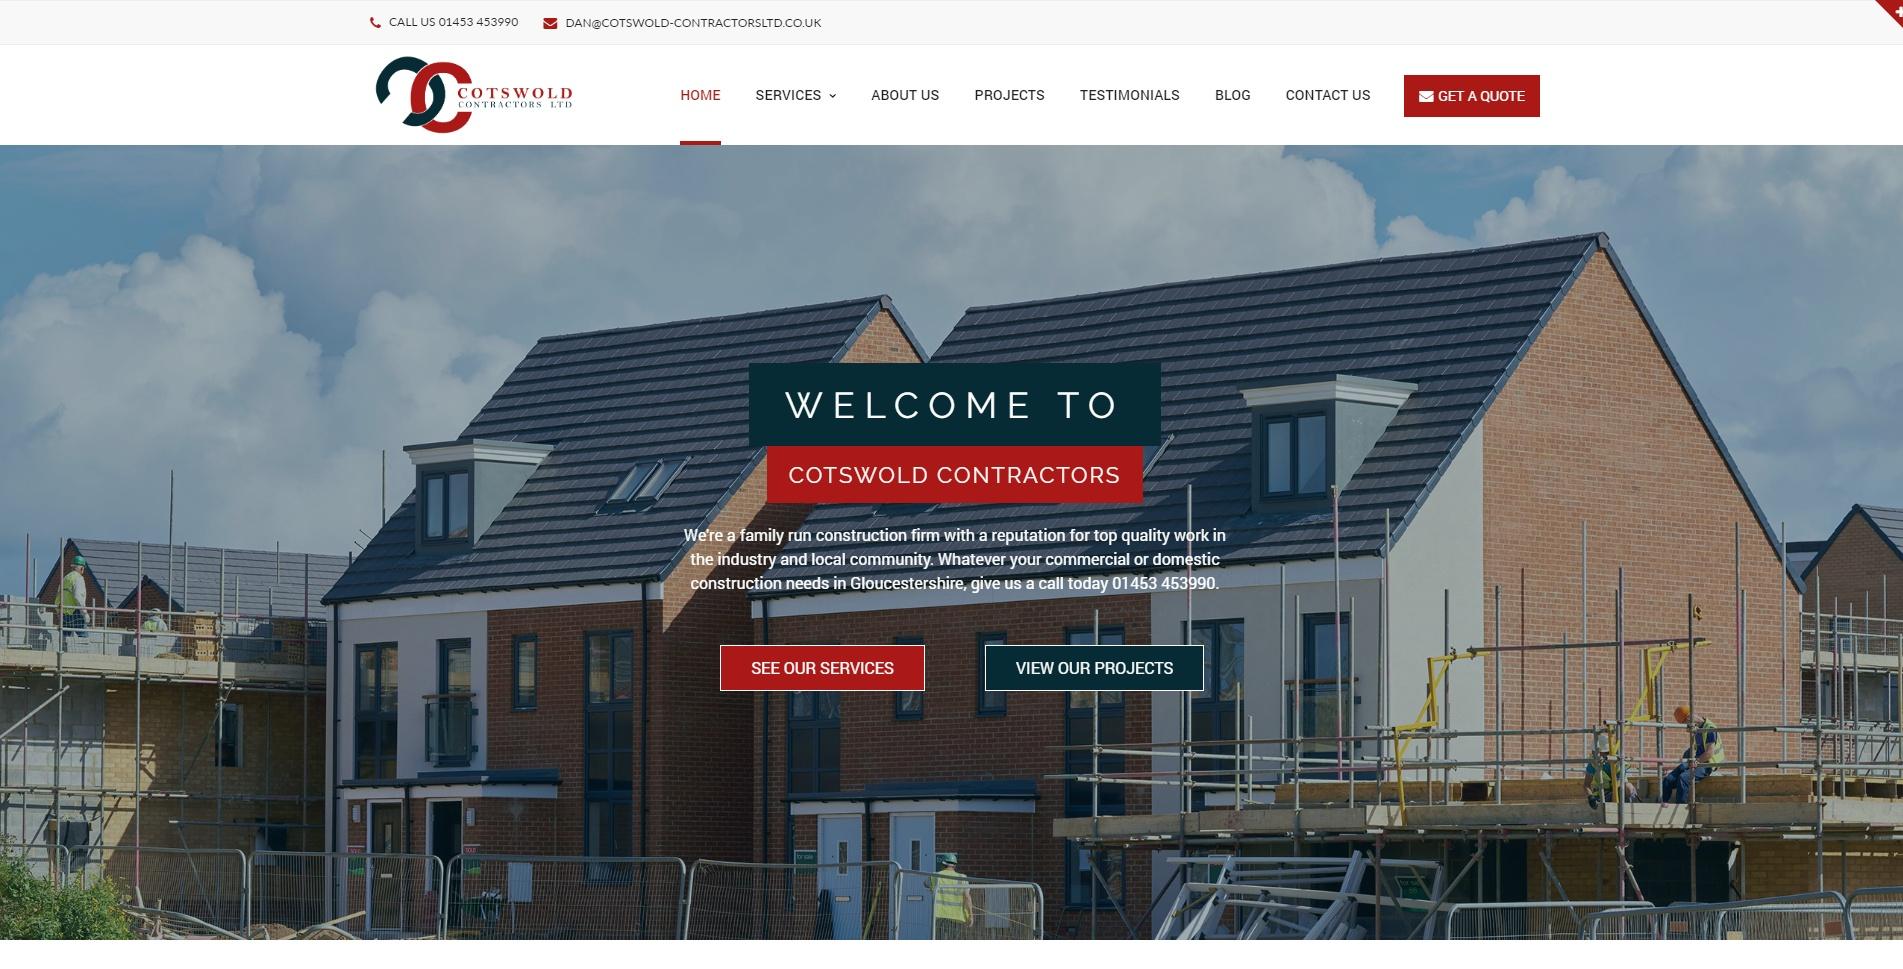 Cotswold Contractors Ltd Screenshot